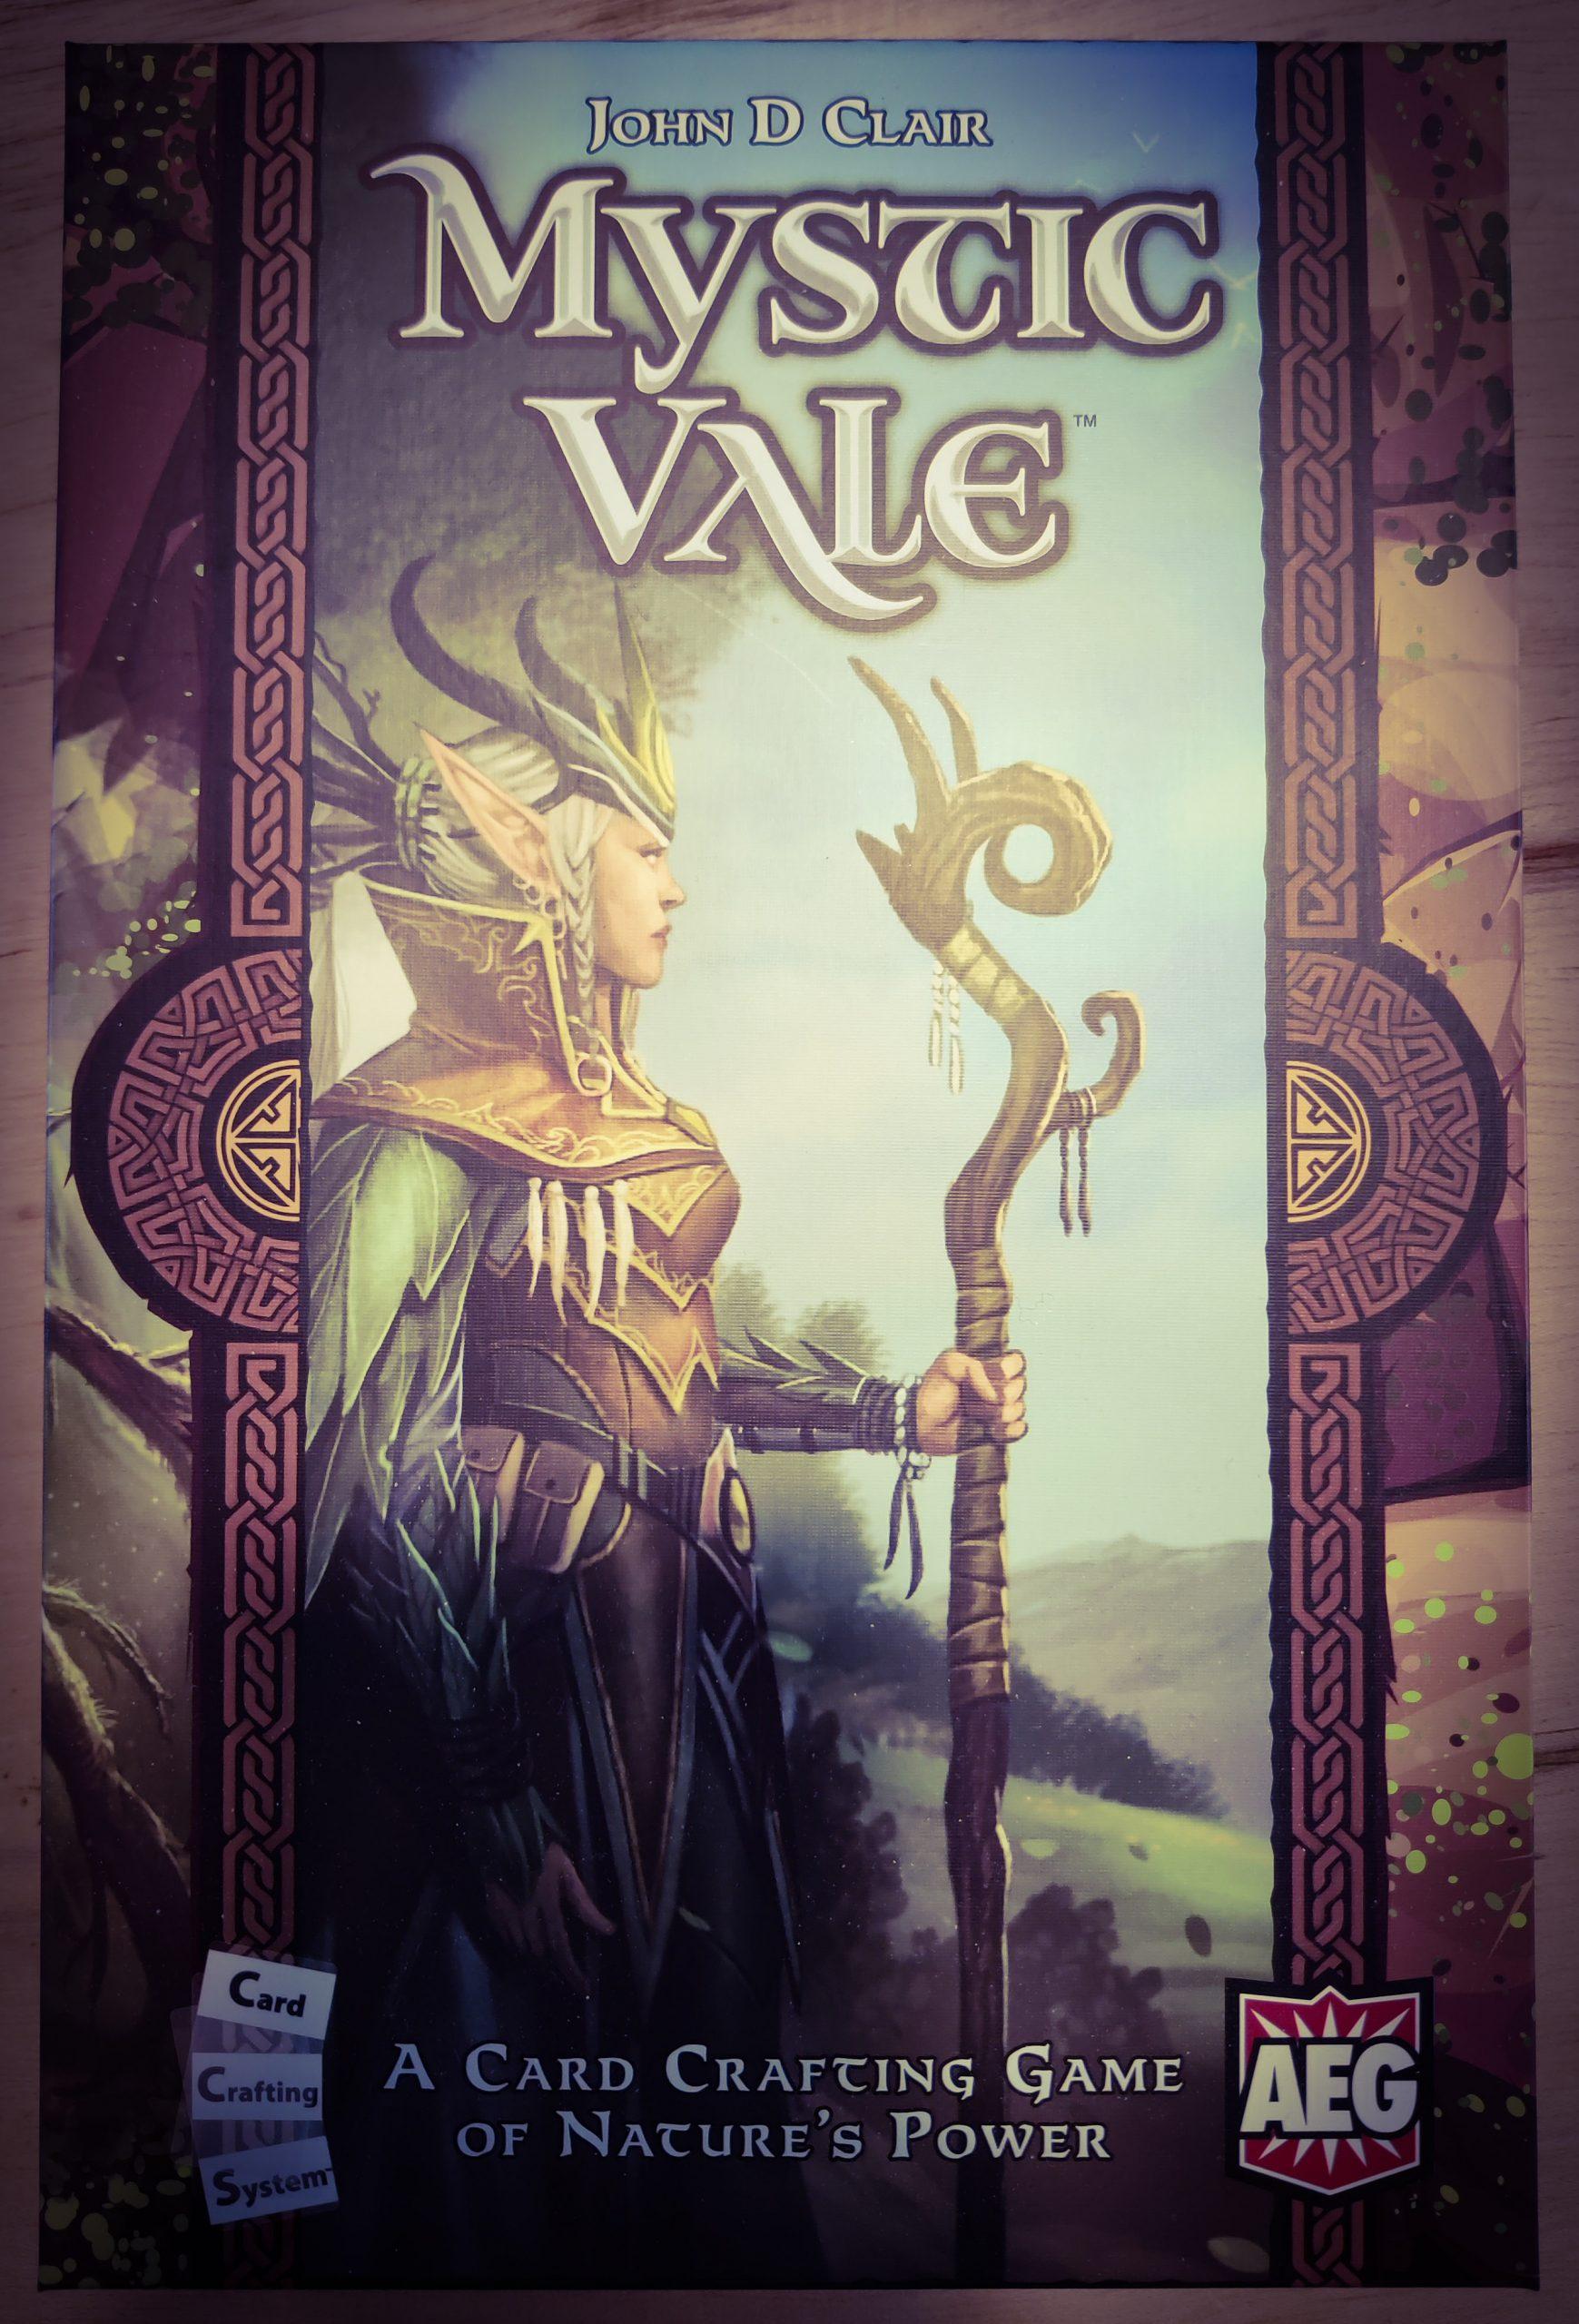 Mystic Vale, le jeu de card crafting